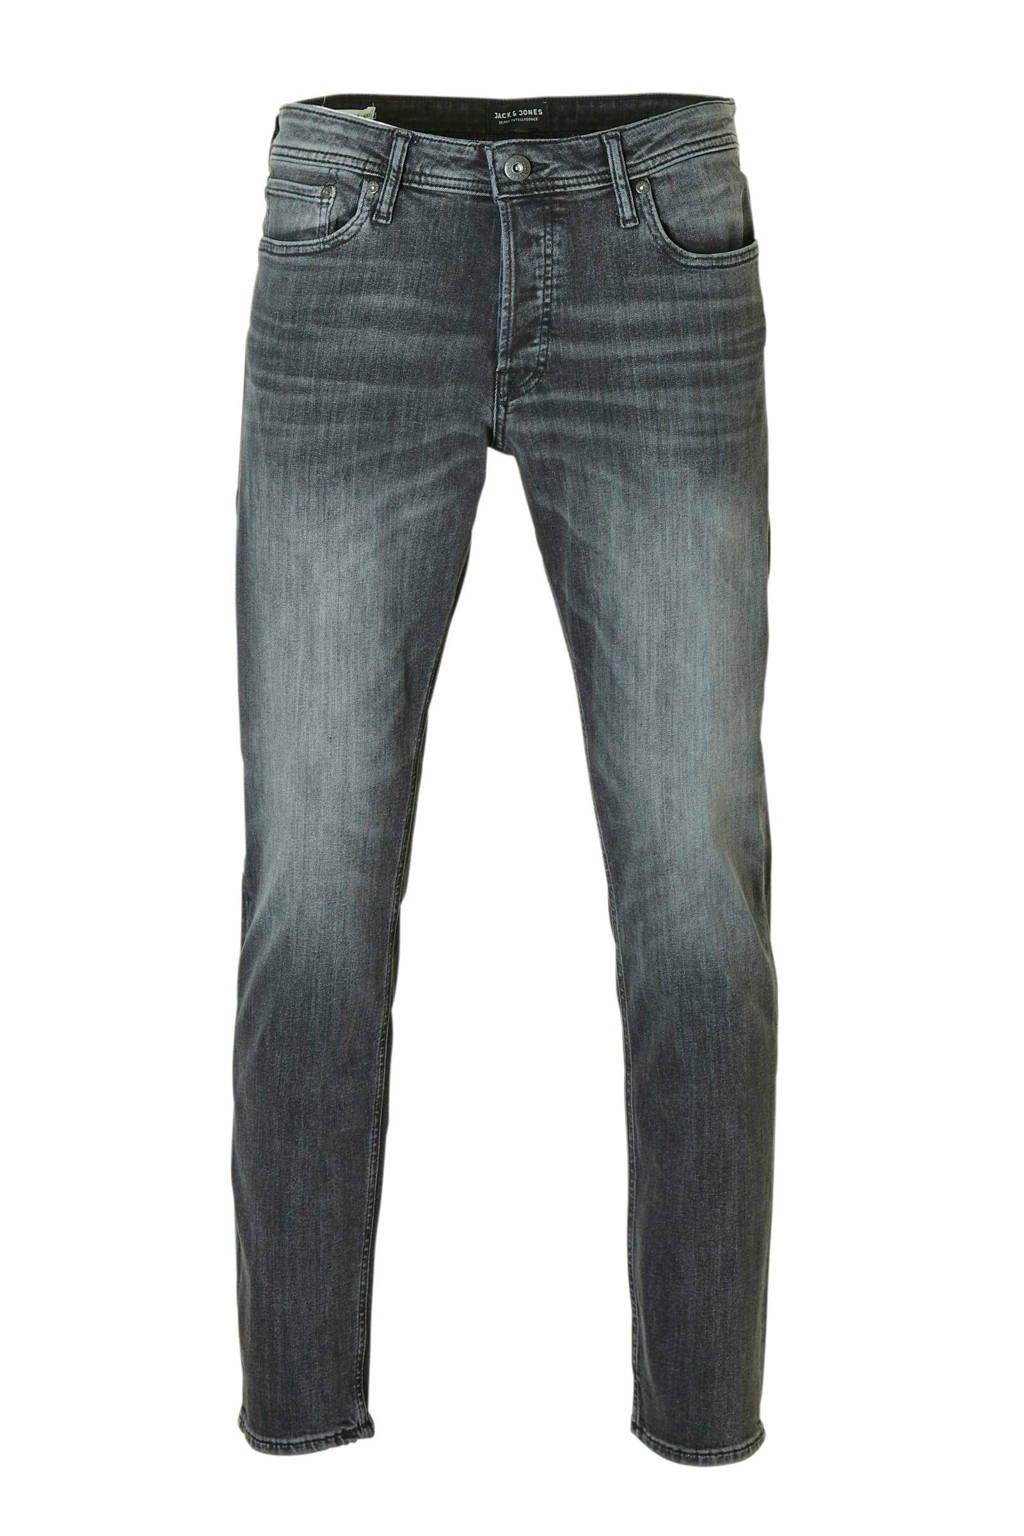 JACK & JONES JEANS INTELLIGENCE regular fit jeans Mike black denim, Black denim